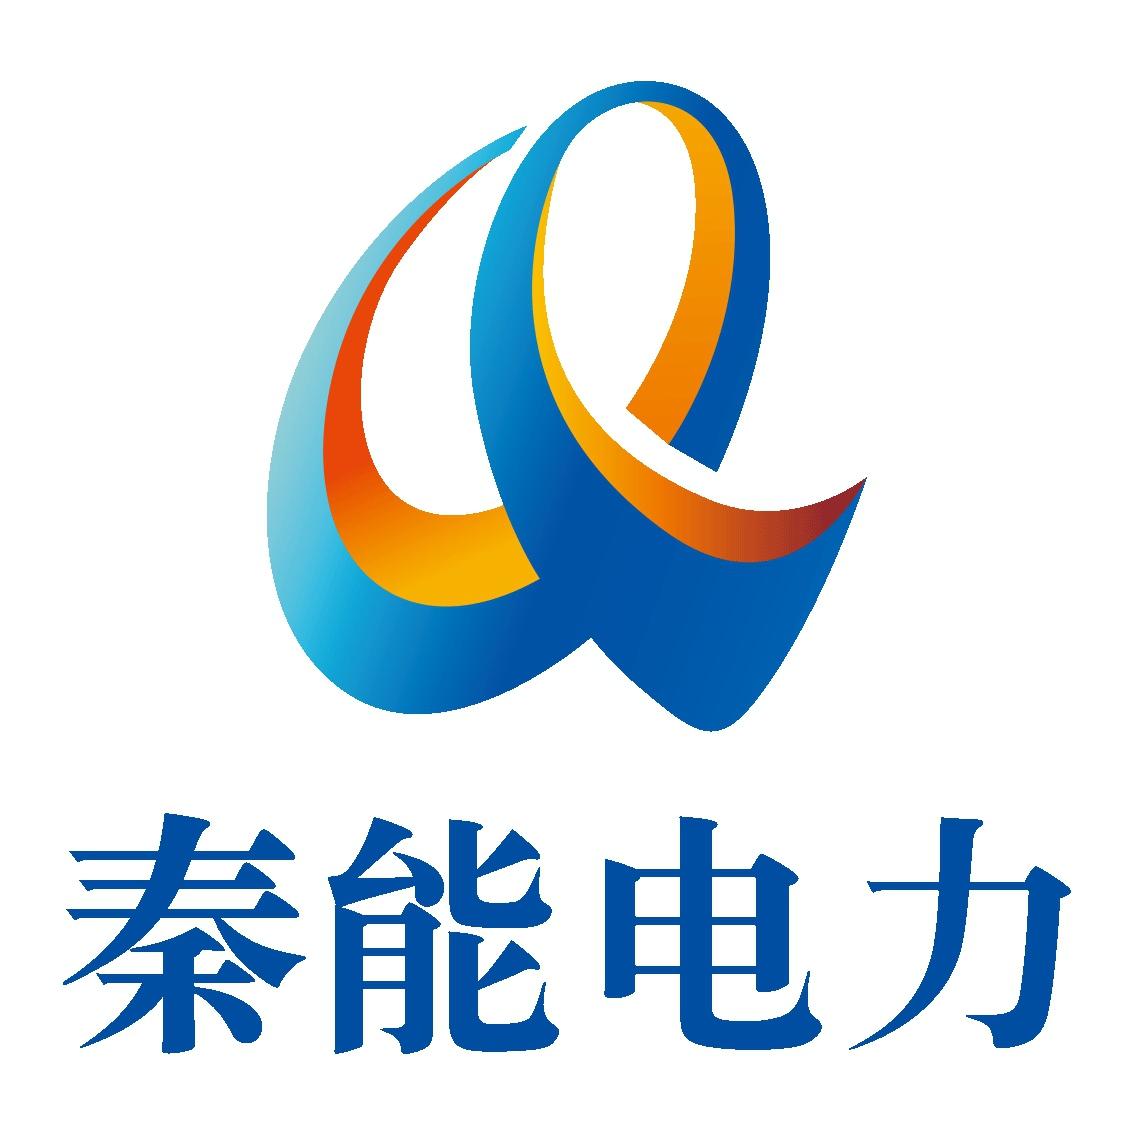 秦能齐源电力工程设计有限公司